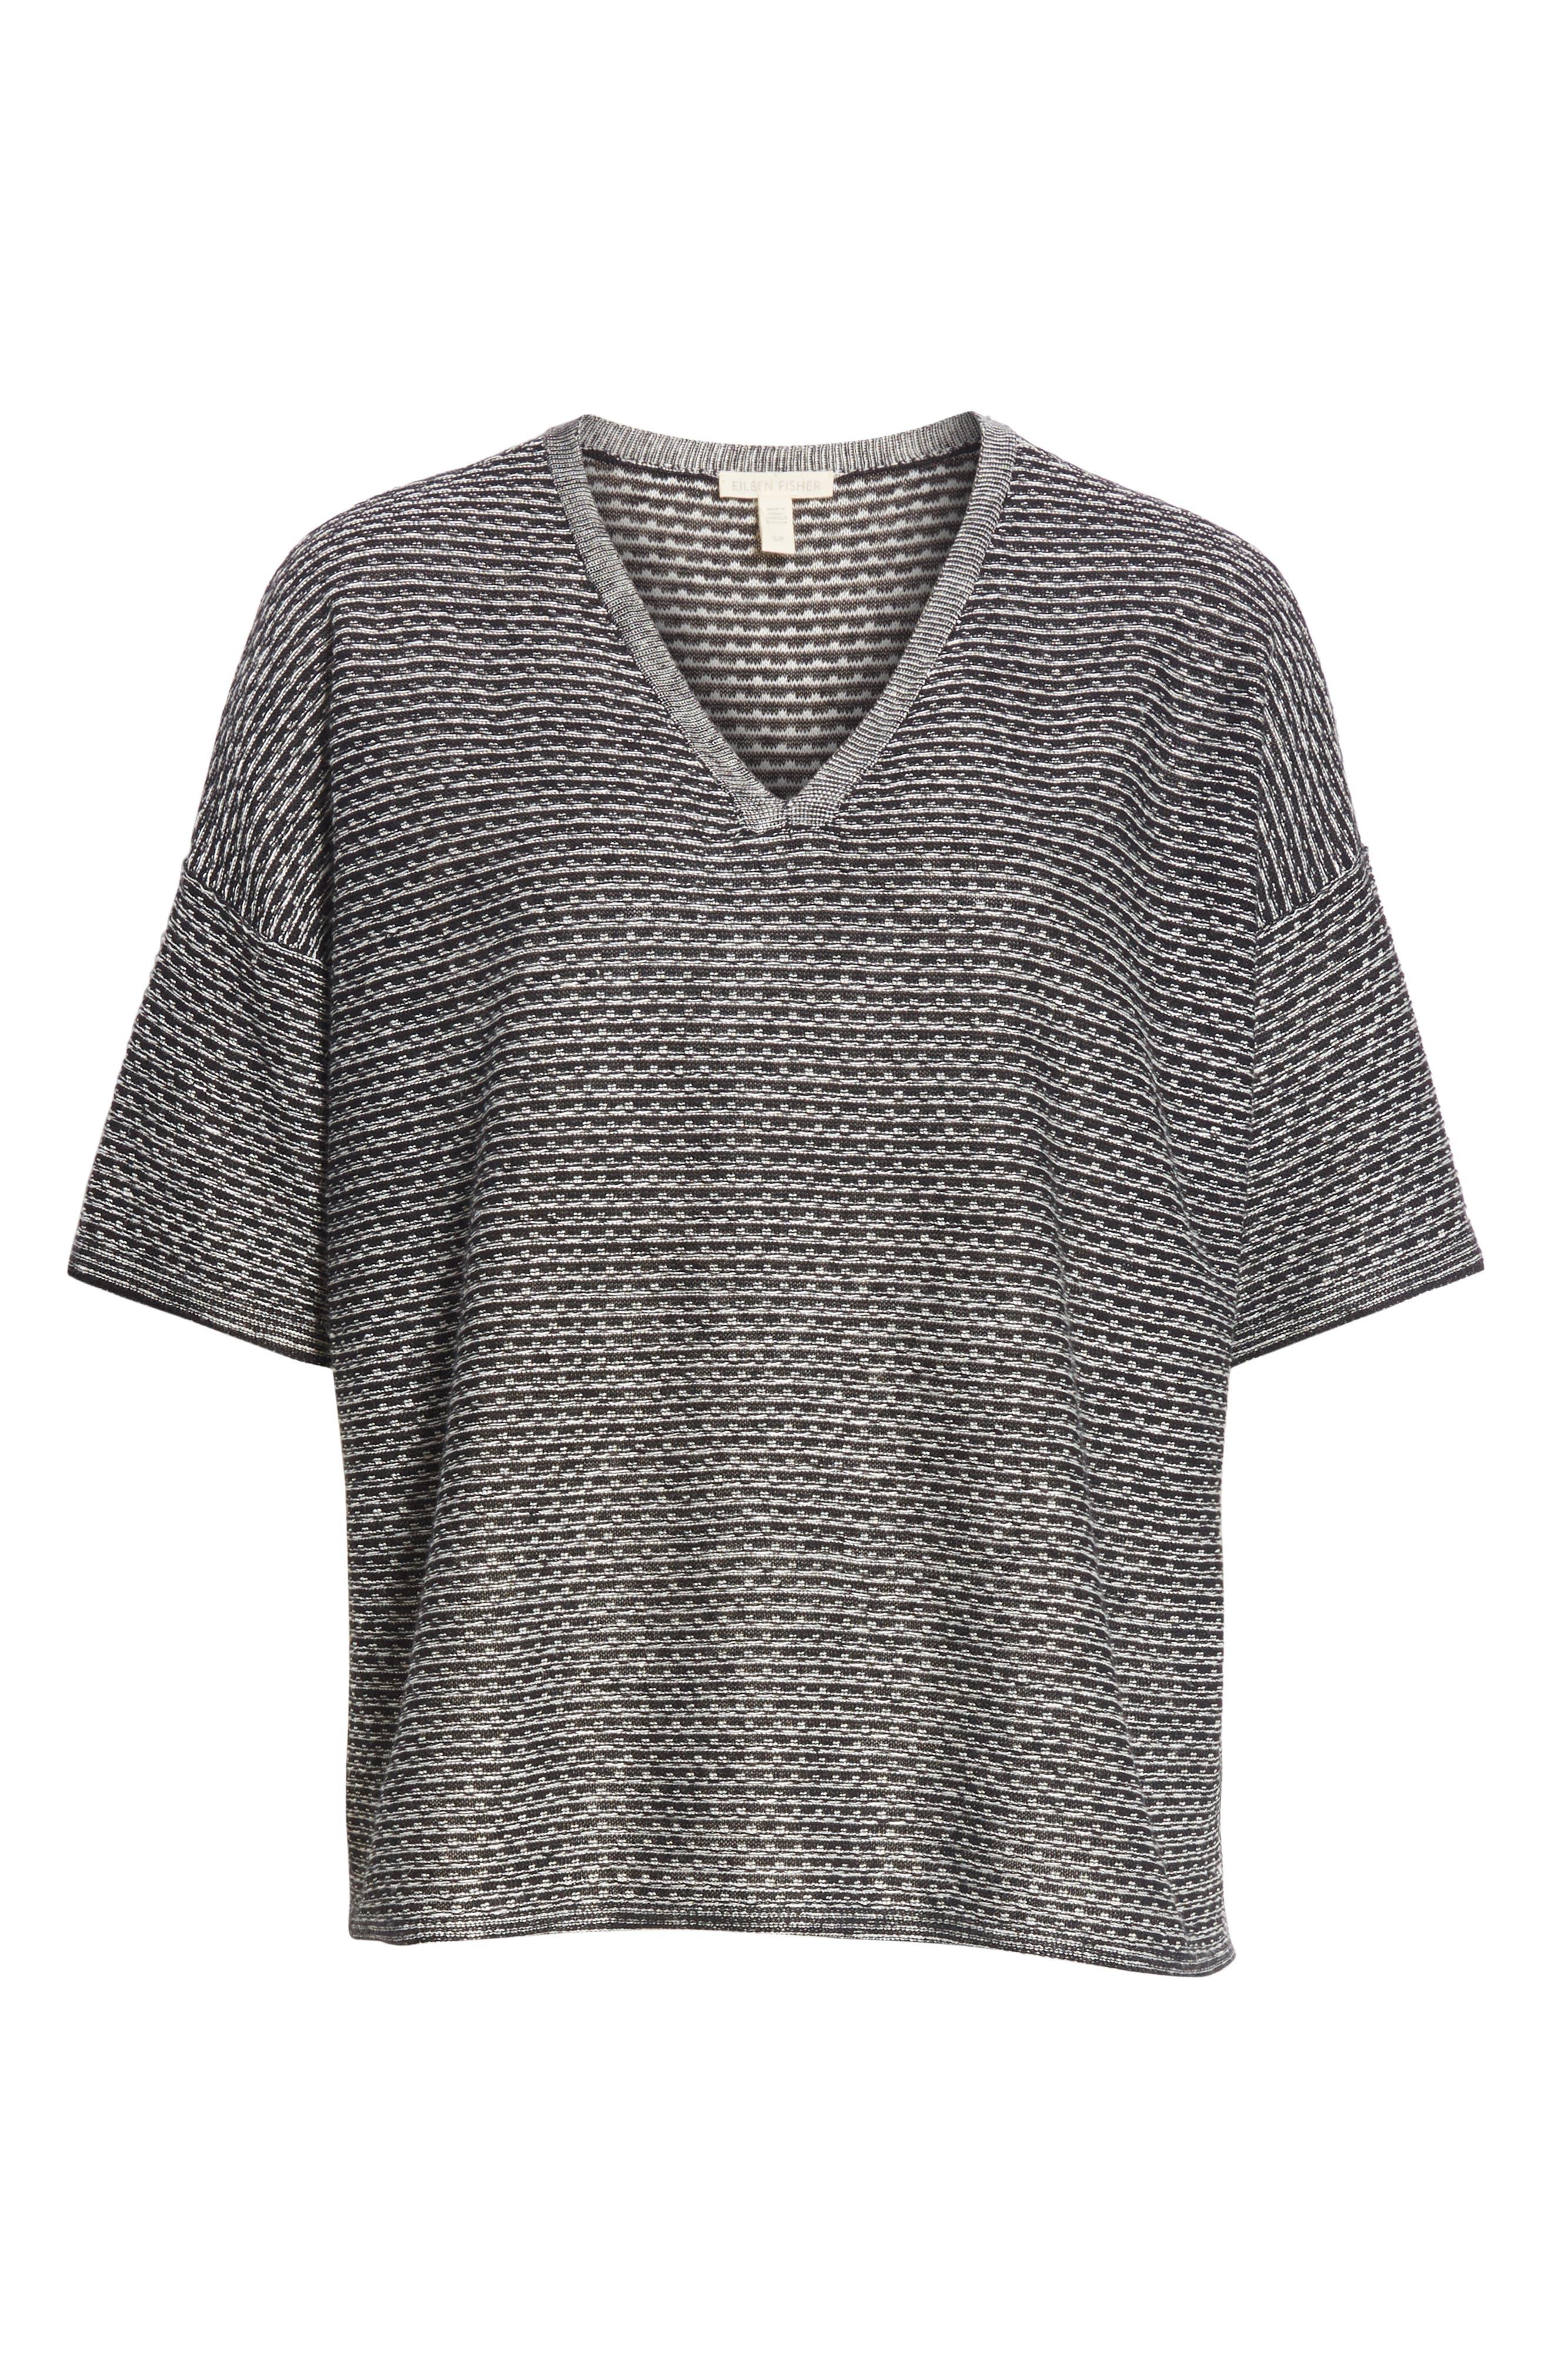 Organic Linen Jacquard Sweater,                             Alternate thumbnail 6, color,